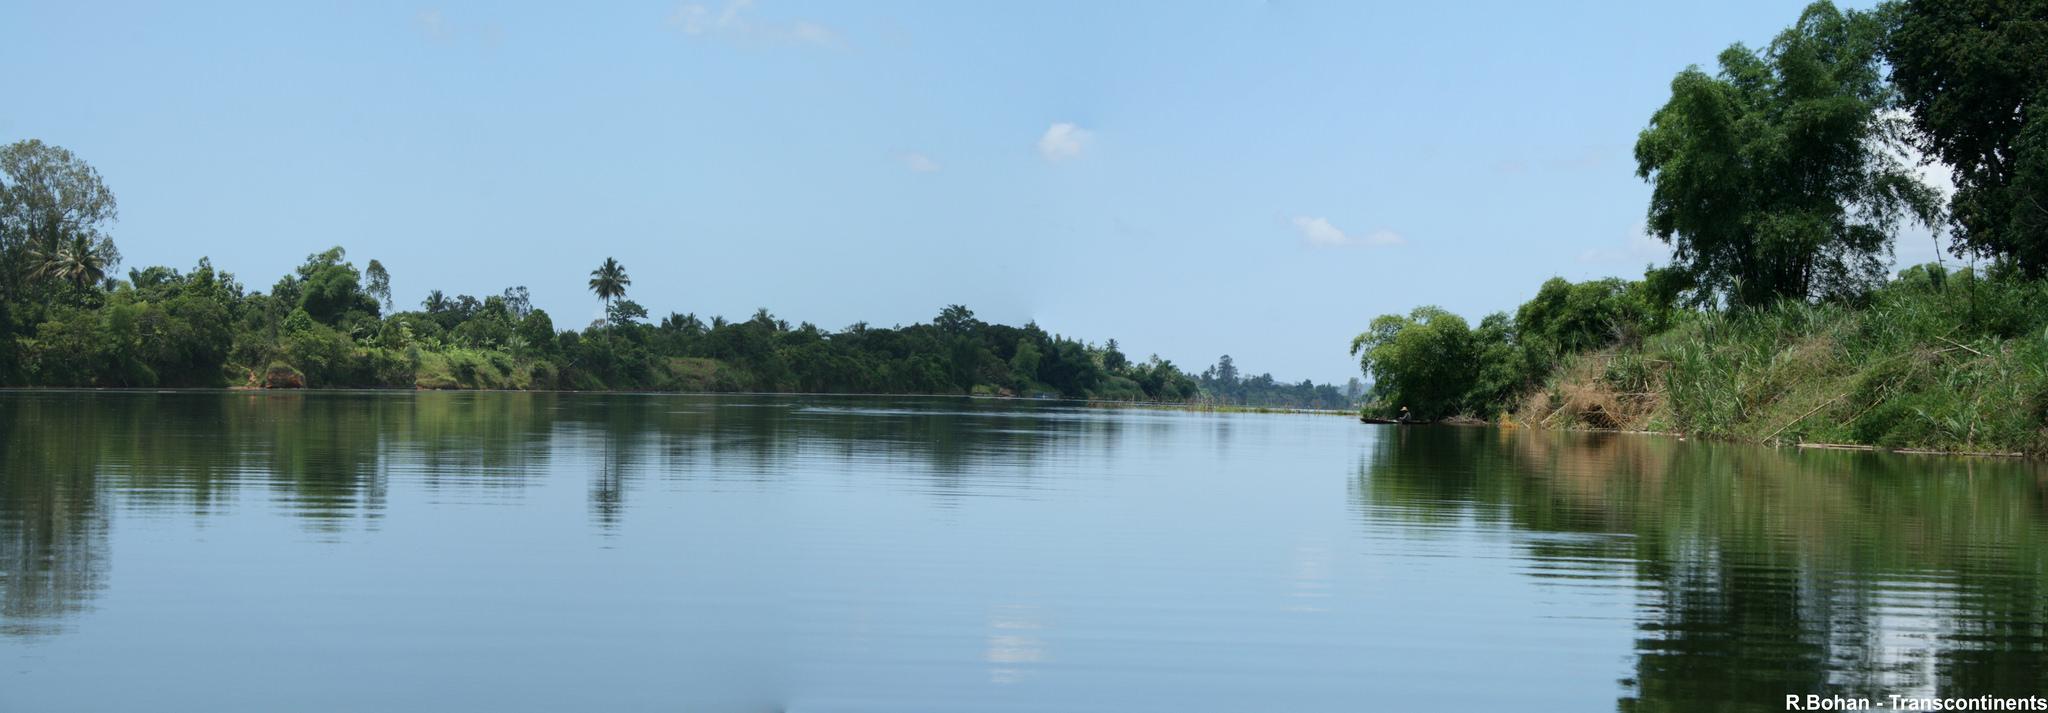 Le canal des pangalanes une aventure hors des sentiers battus office national du tourisme de - Office national du tourisme madagascar ...